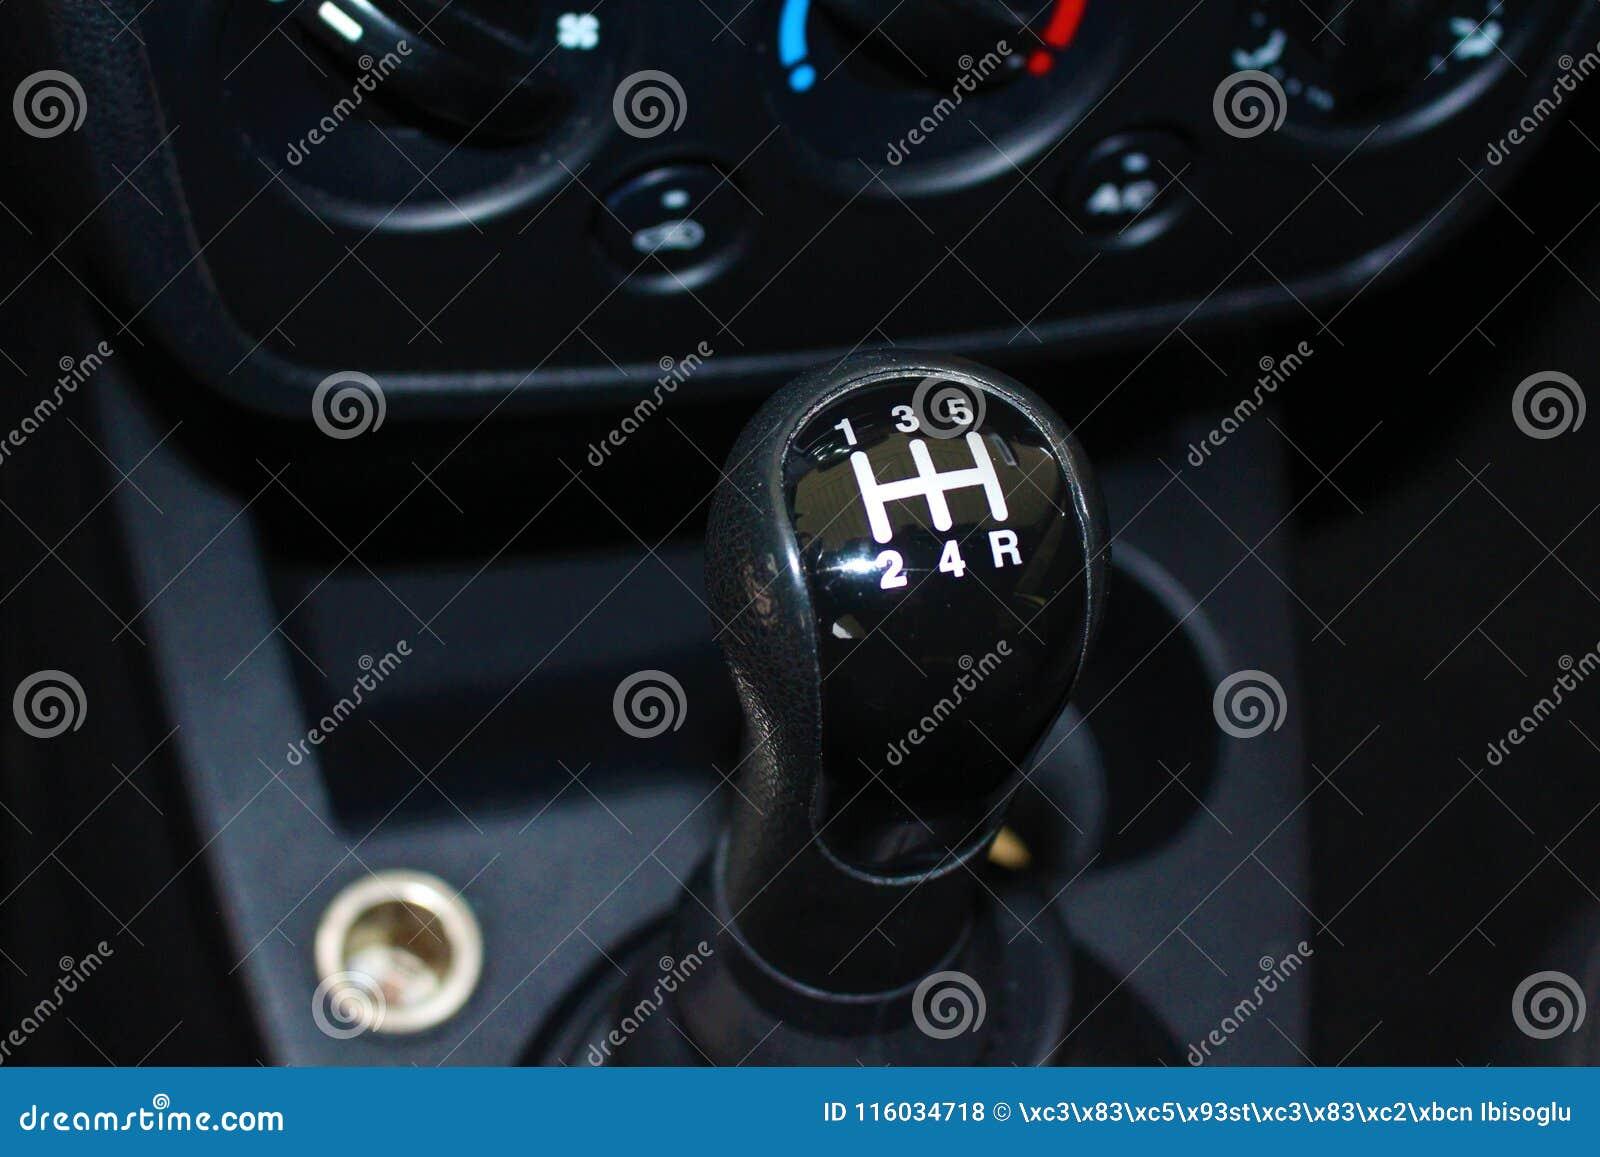 汽车变速杆 手工转移齿轮 汽车使换中档棍子